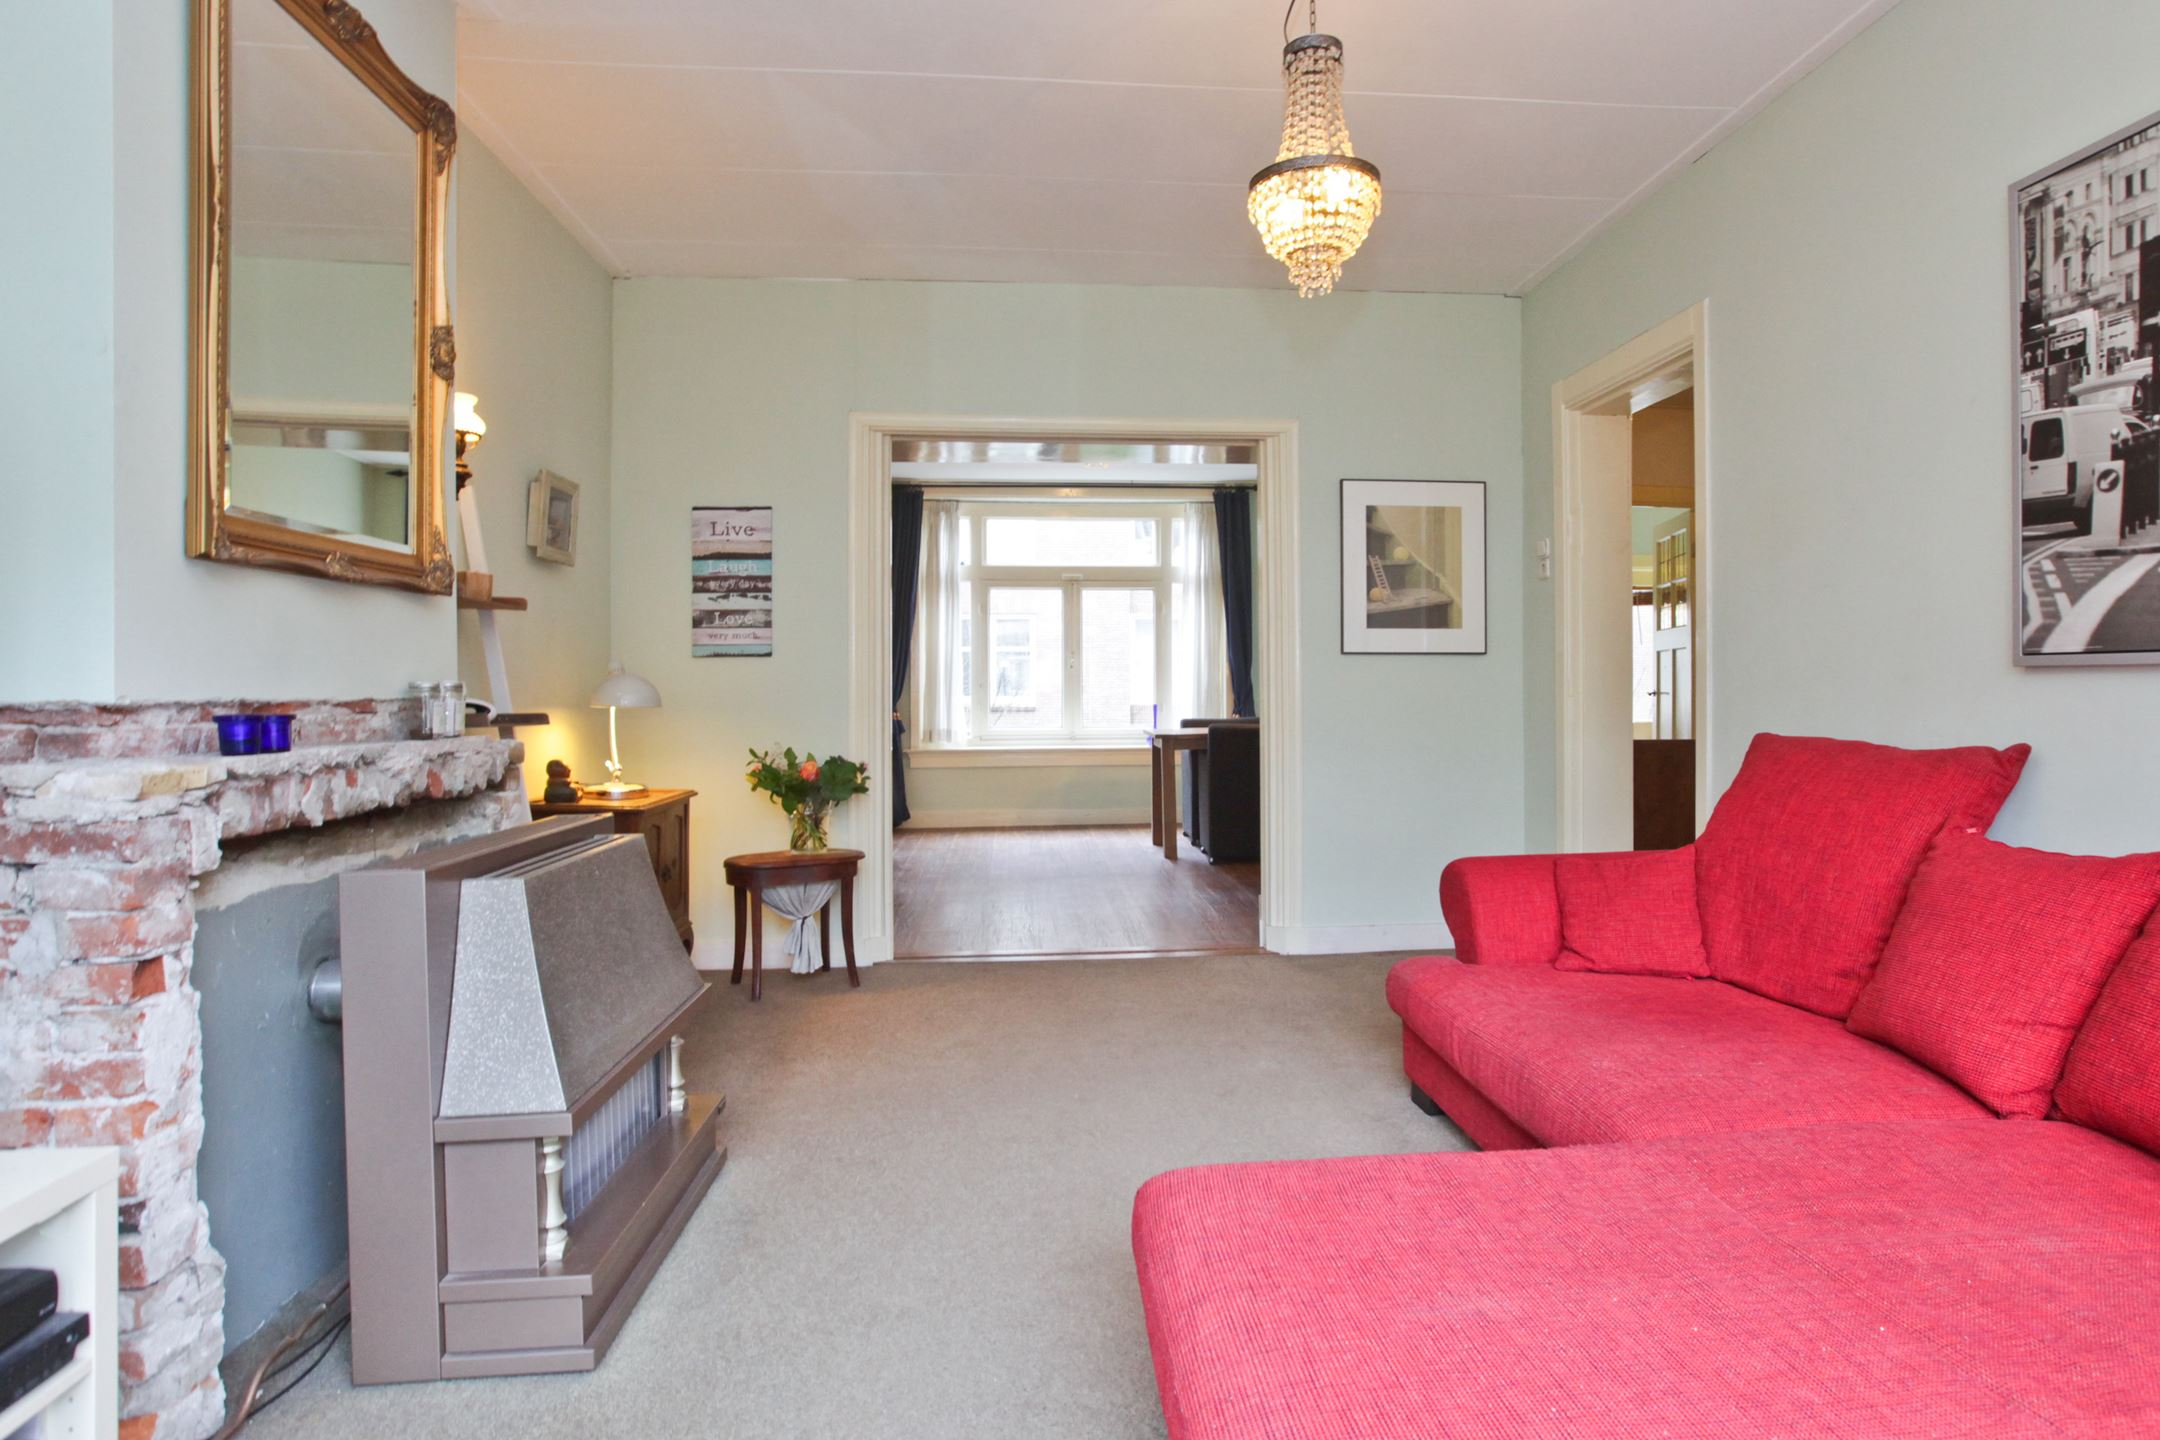 Appartement te koop: bestevâerstraat 8 i 1056 hm amsterdam [funda]